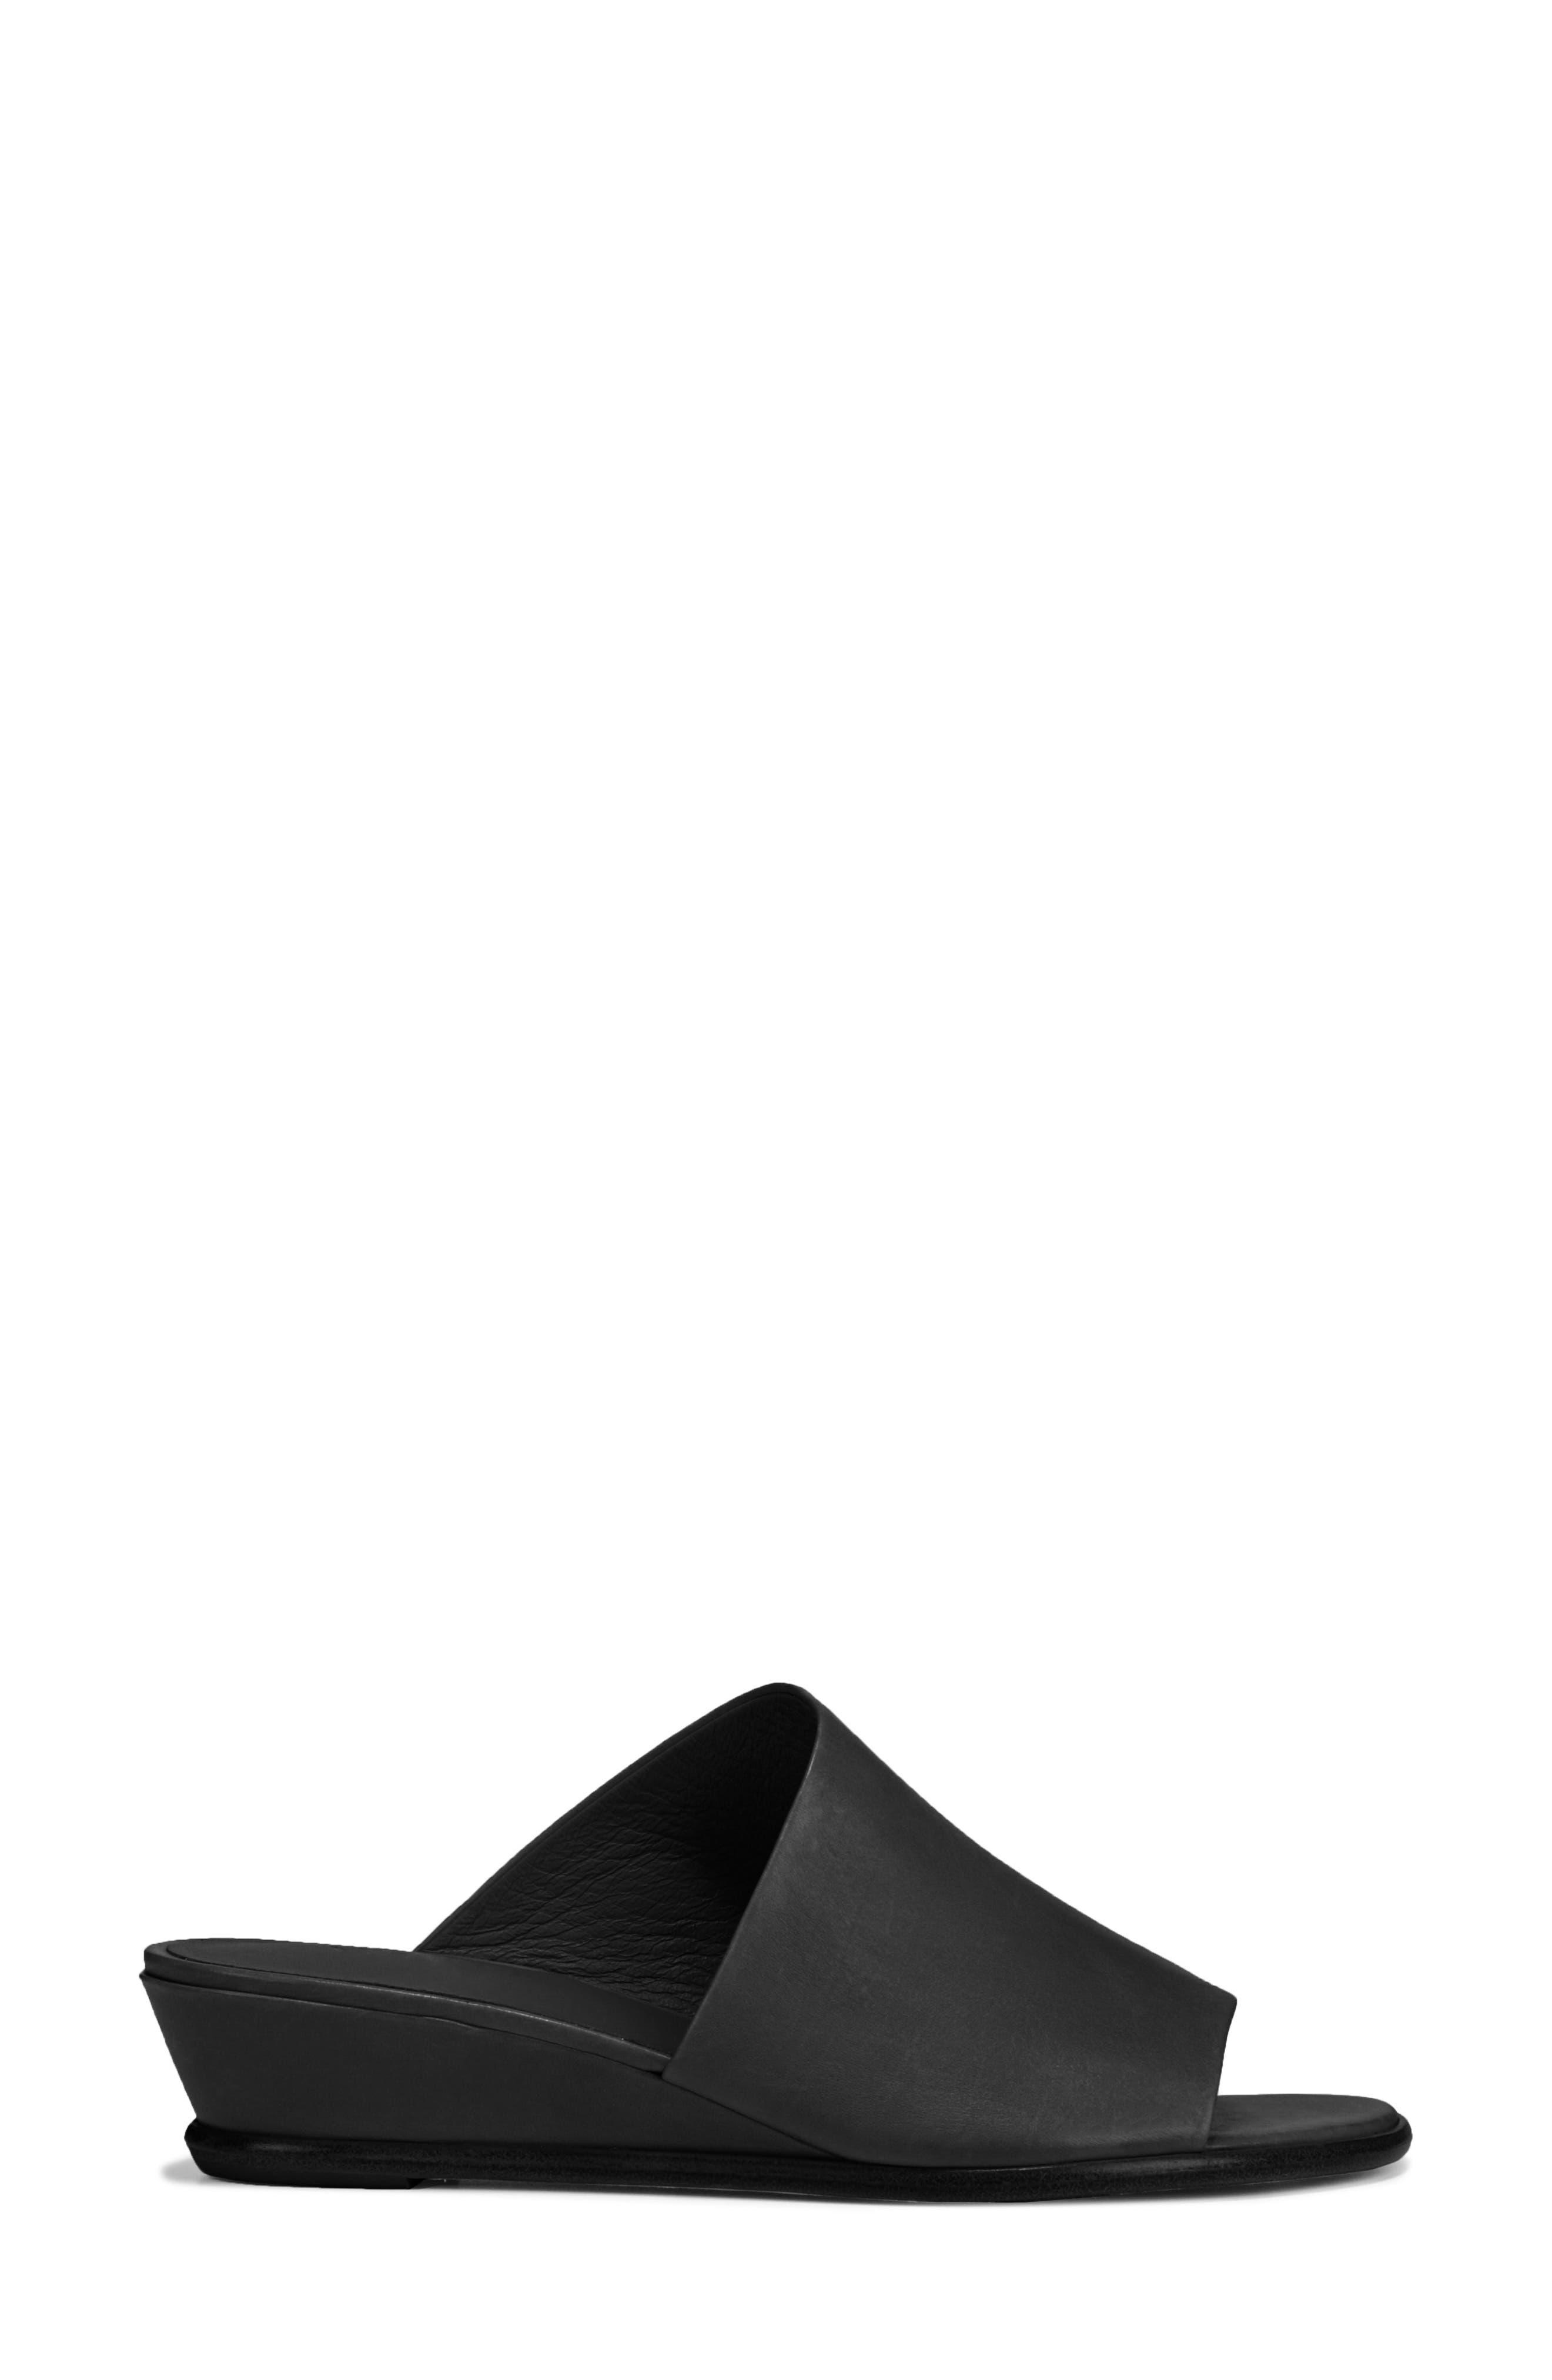 VINCE, Duvall Asymmetrical Wedge Sandal, Alternate thumbnail 3, color, BLACK